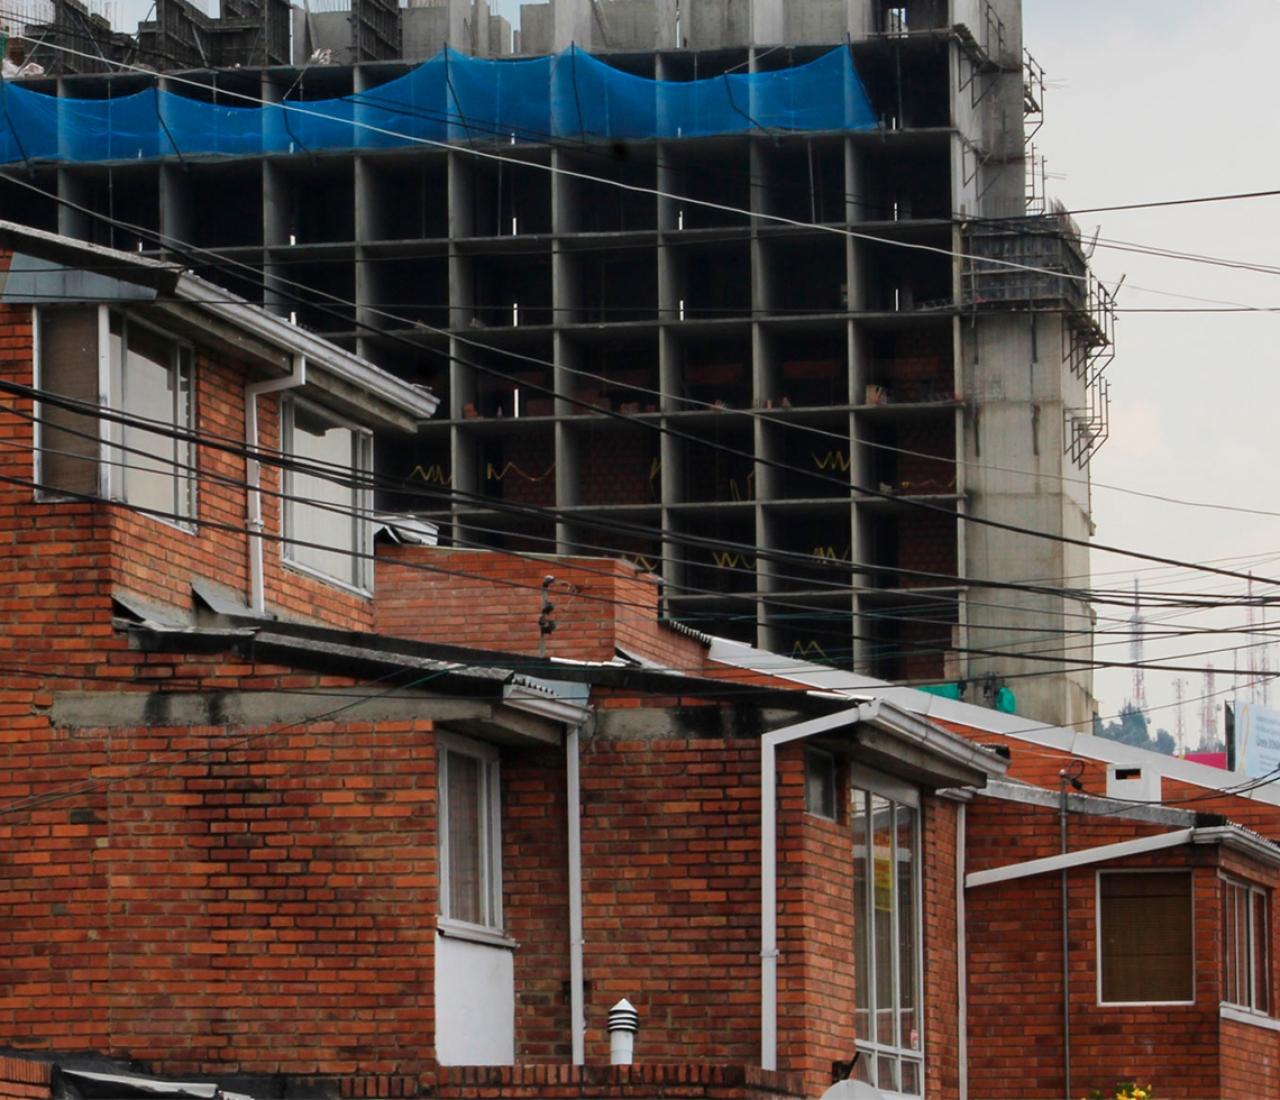 Niza Córdoba, barrio de Bogotá, enfrenta problemas por construcción aledaña